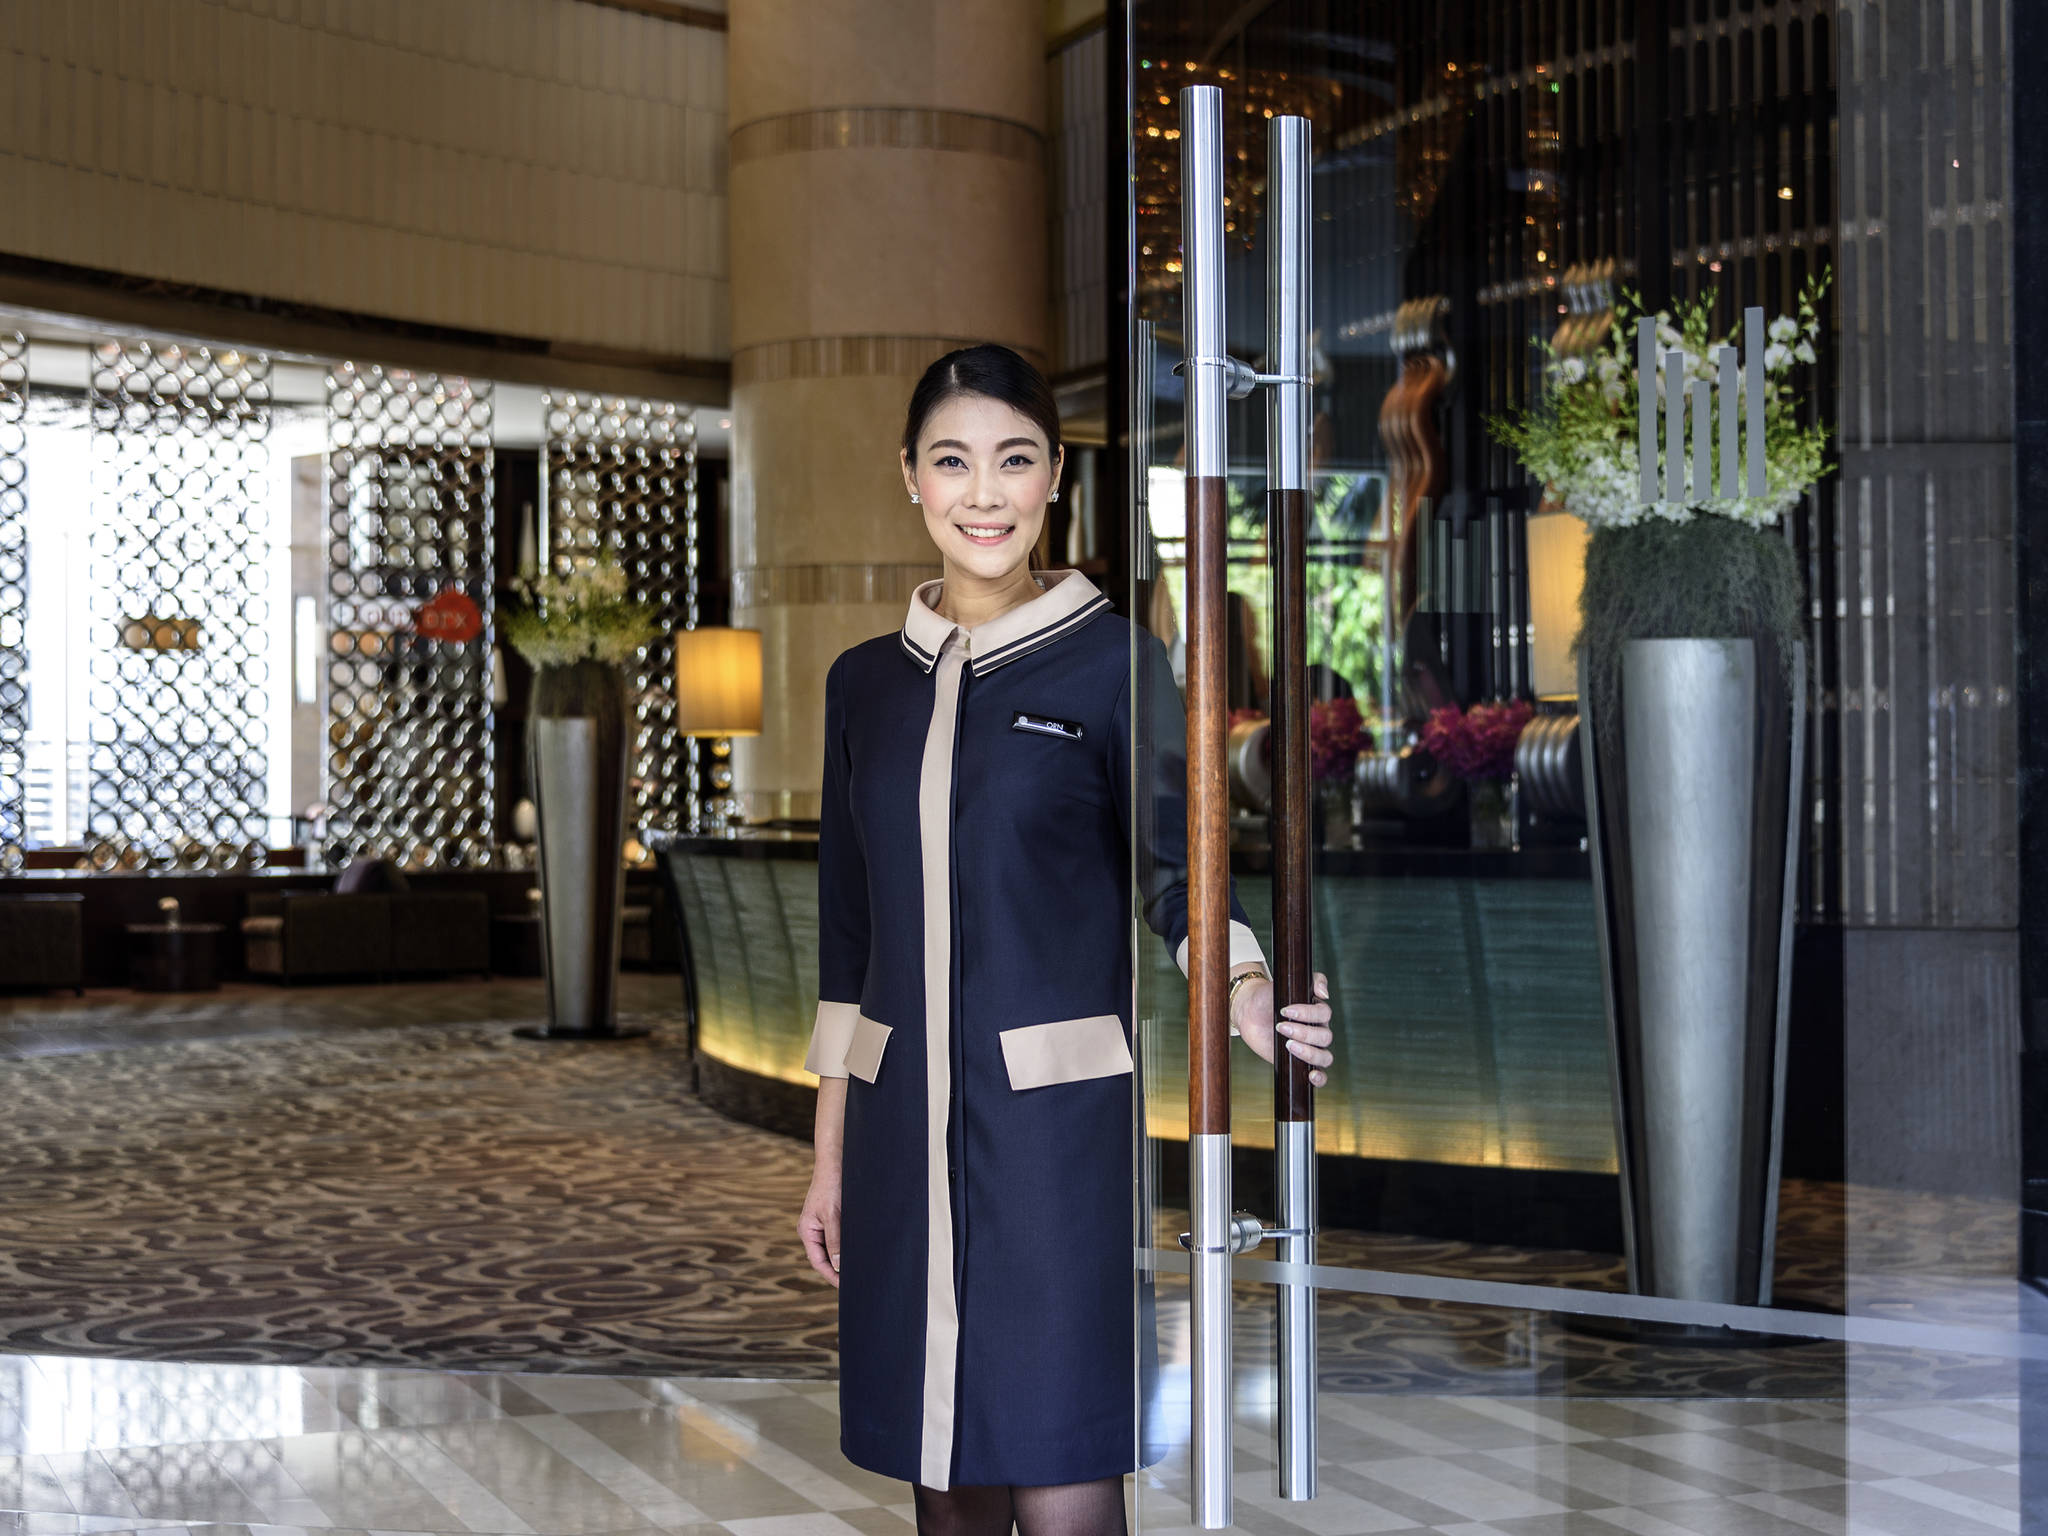 Hotel – Pullman Baotou (abre em outubro de 2018)